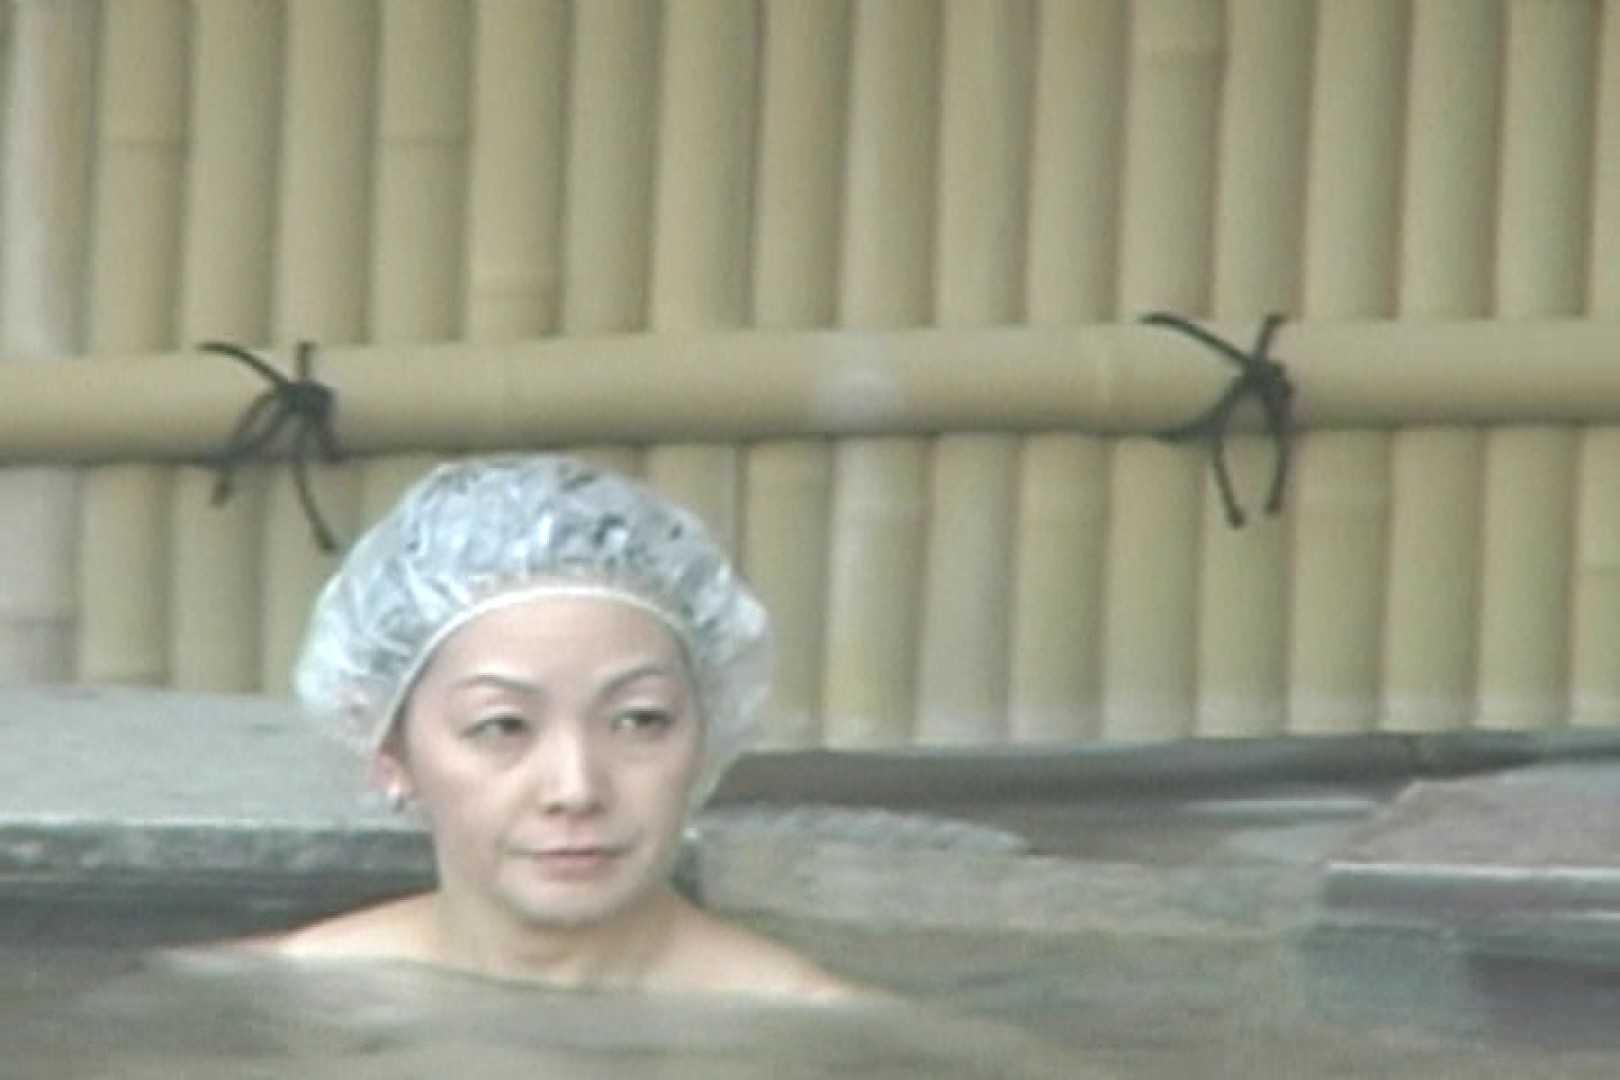 Aquaな露天風呂Vol.592 露天 | 盗撮  92pic 26